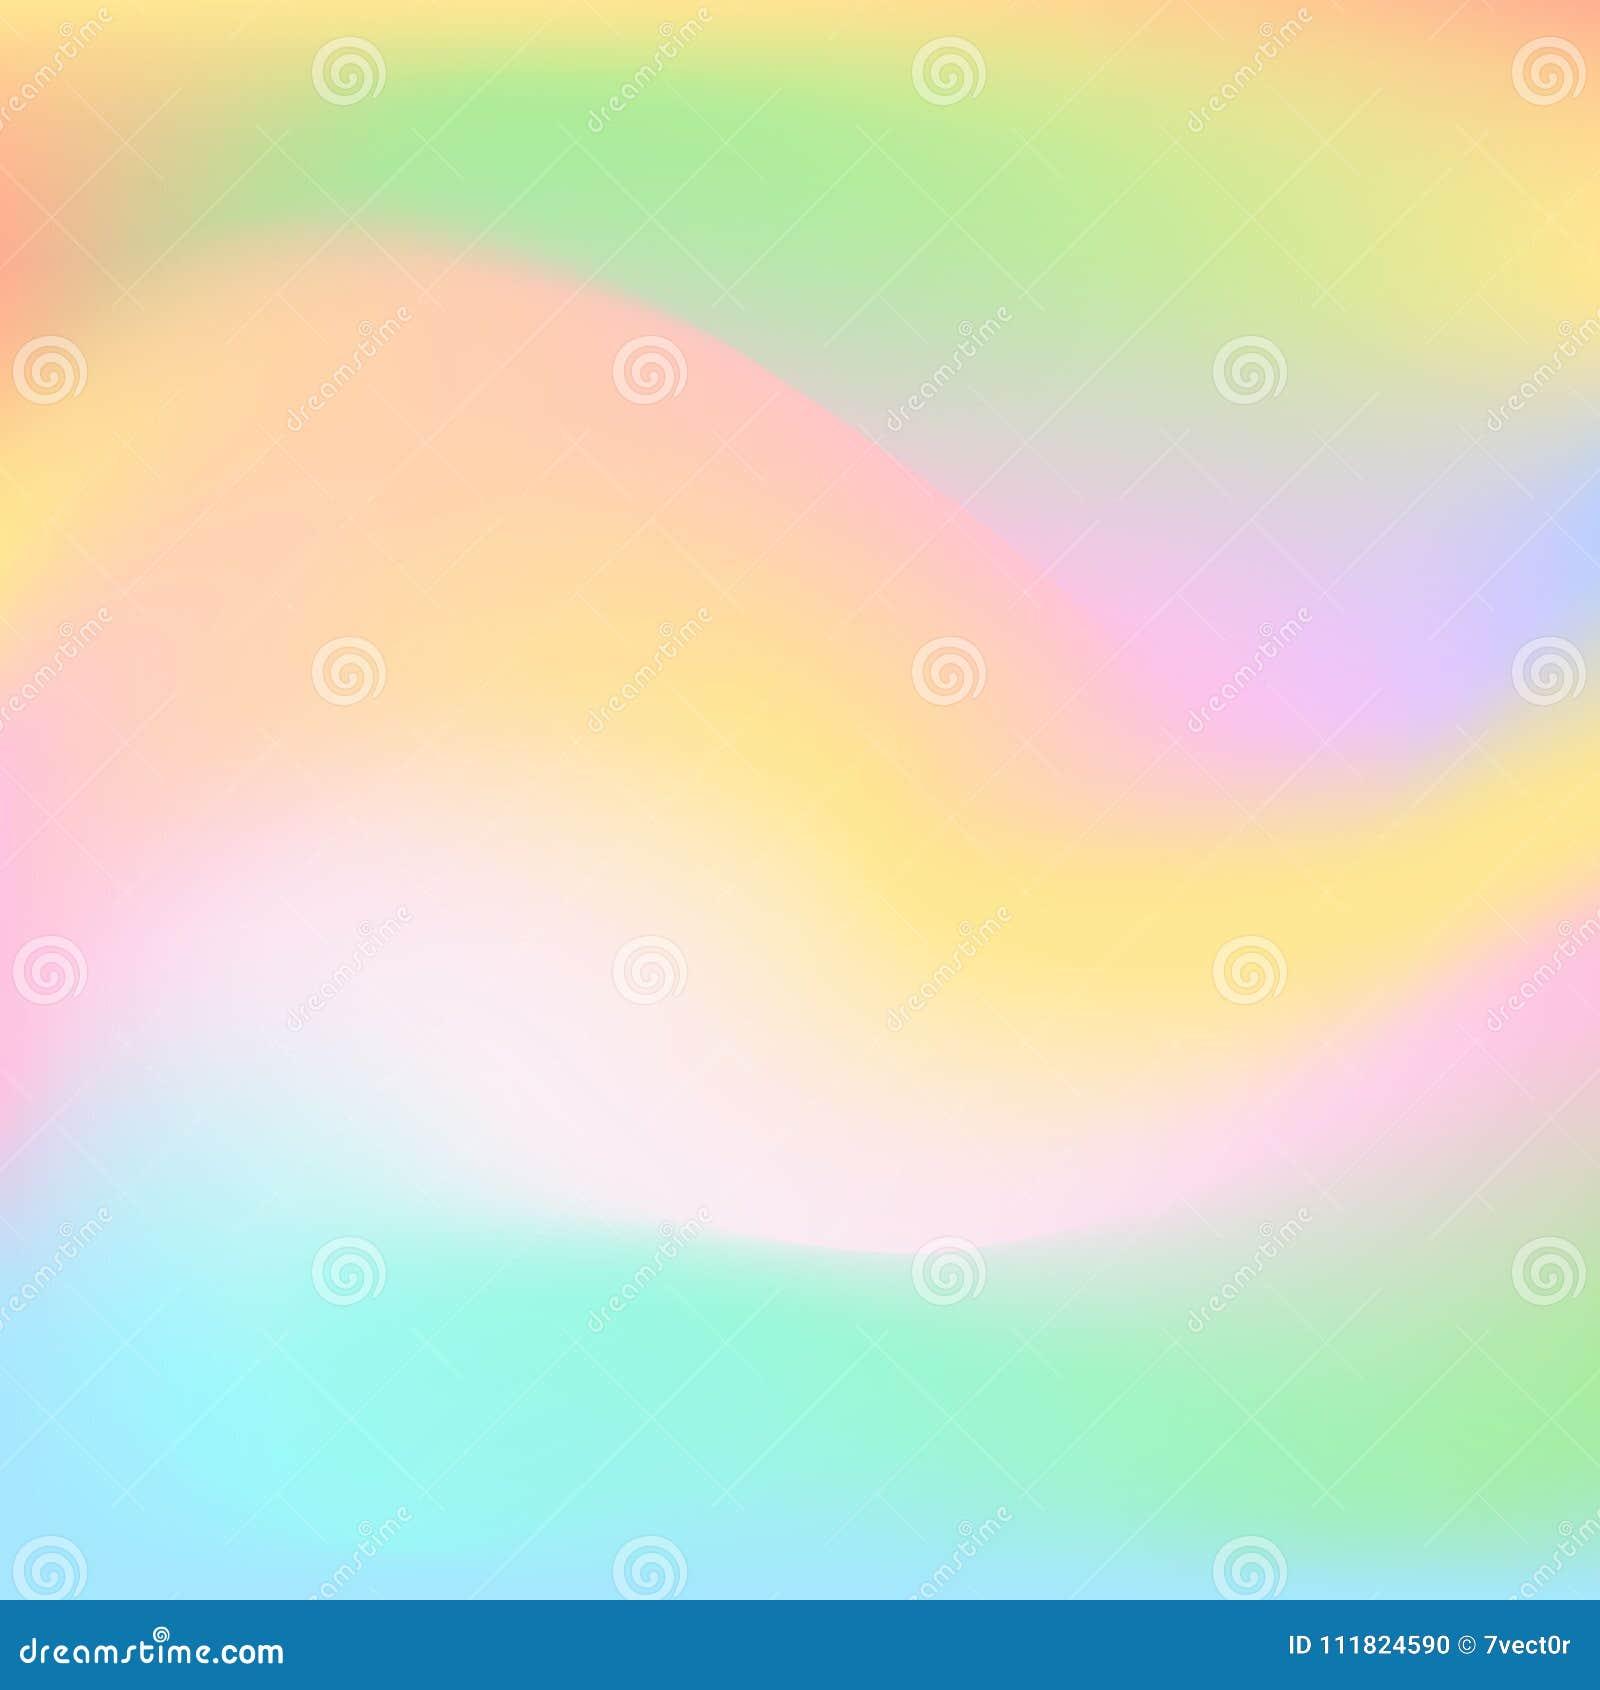 被弄脏的软的五颜六色的复活节春天新光滑的桃红色蓝绿色黄色白色颜色使波浪梯度流程纹理背景光滑